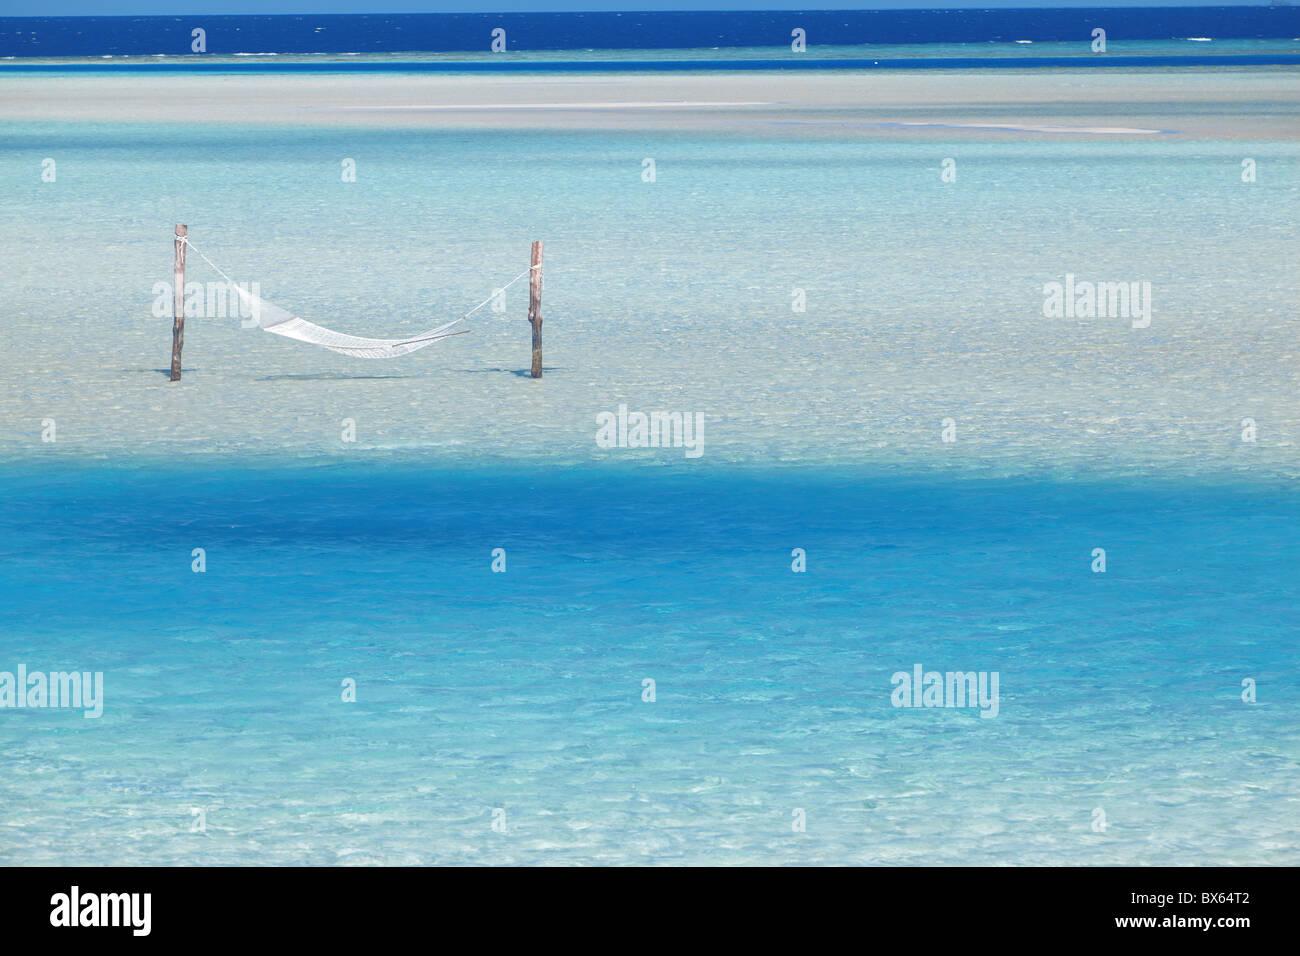 Hängematte hängen in klaren Flachwasser, Malediven, Indischer Ozean, Asien Stockbild